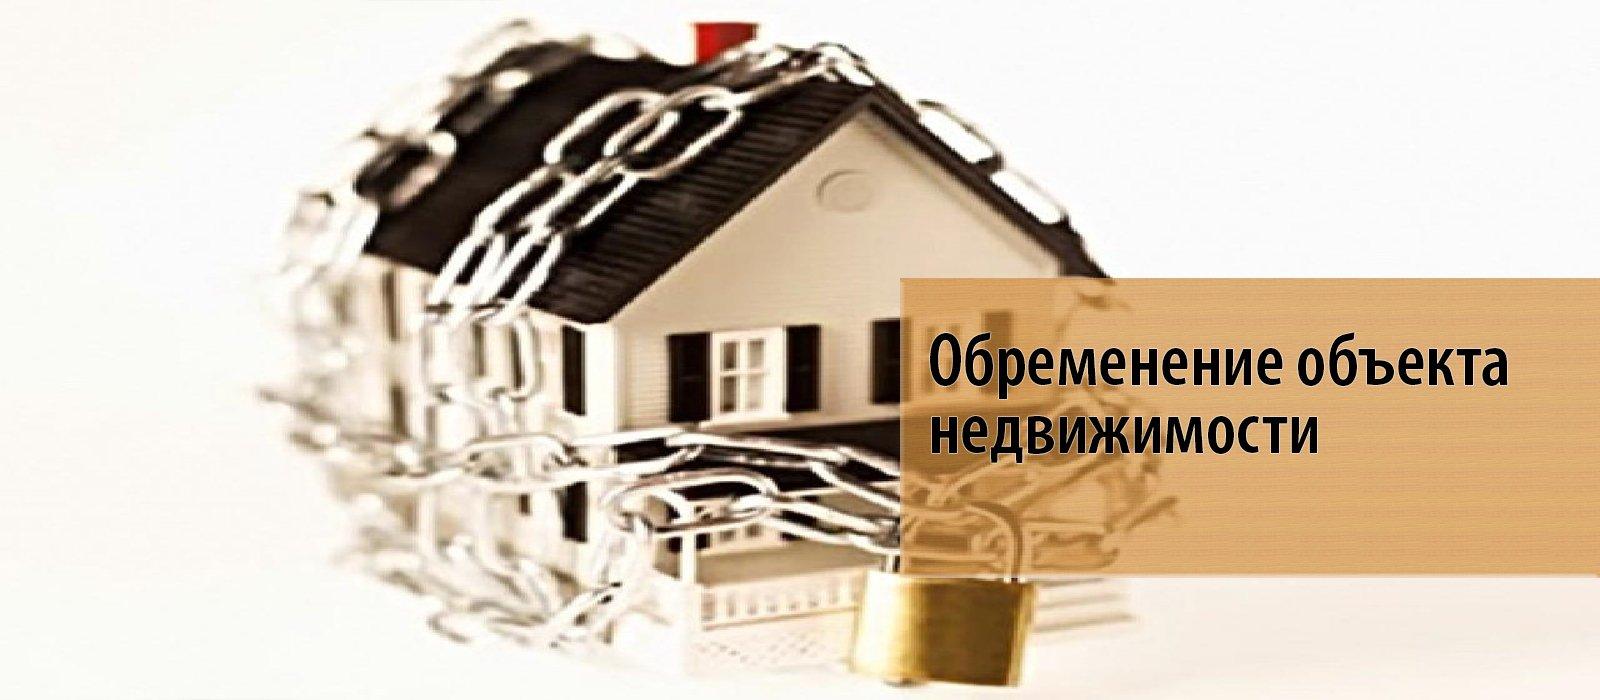 как снять обременение с объекта недвижимости